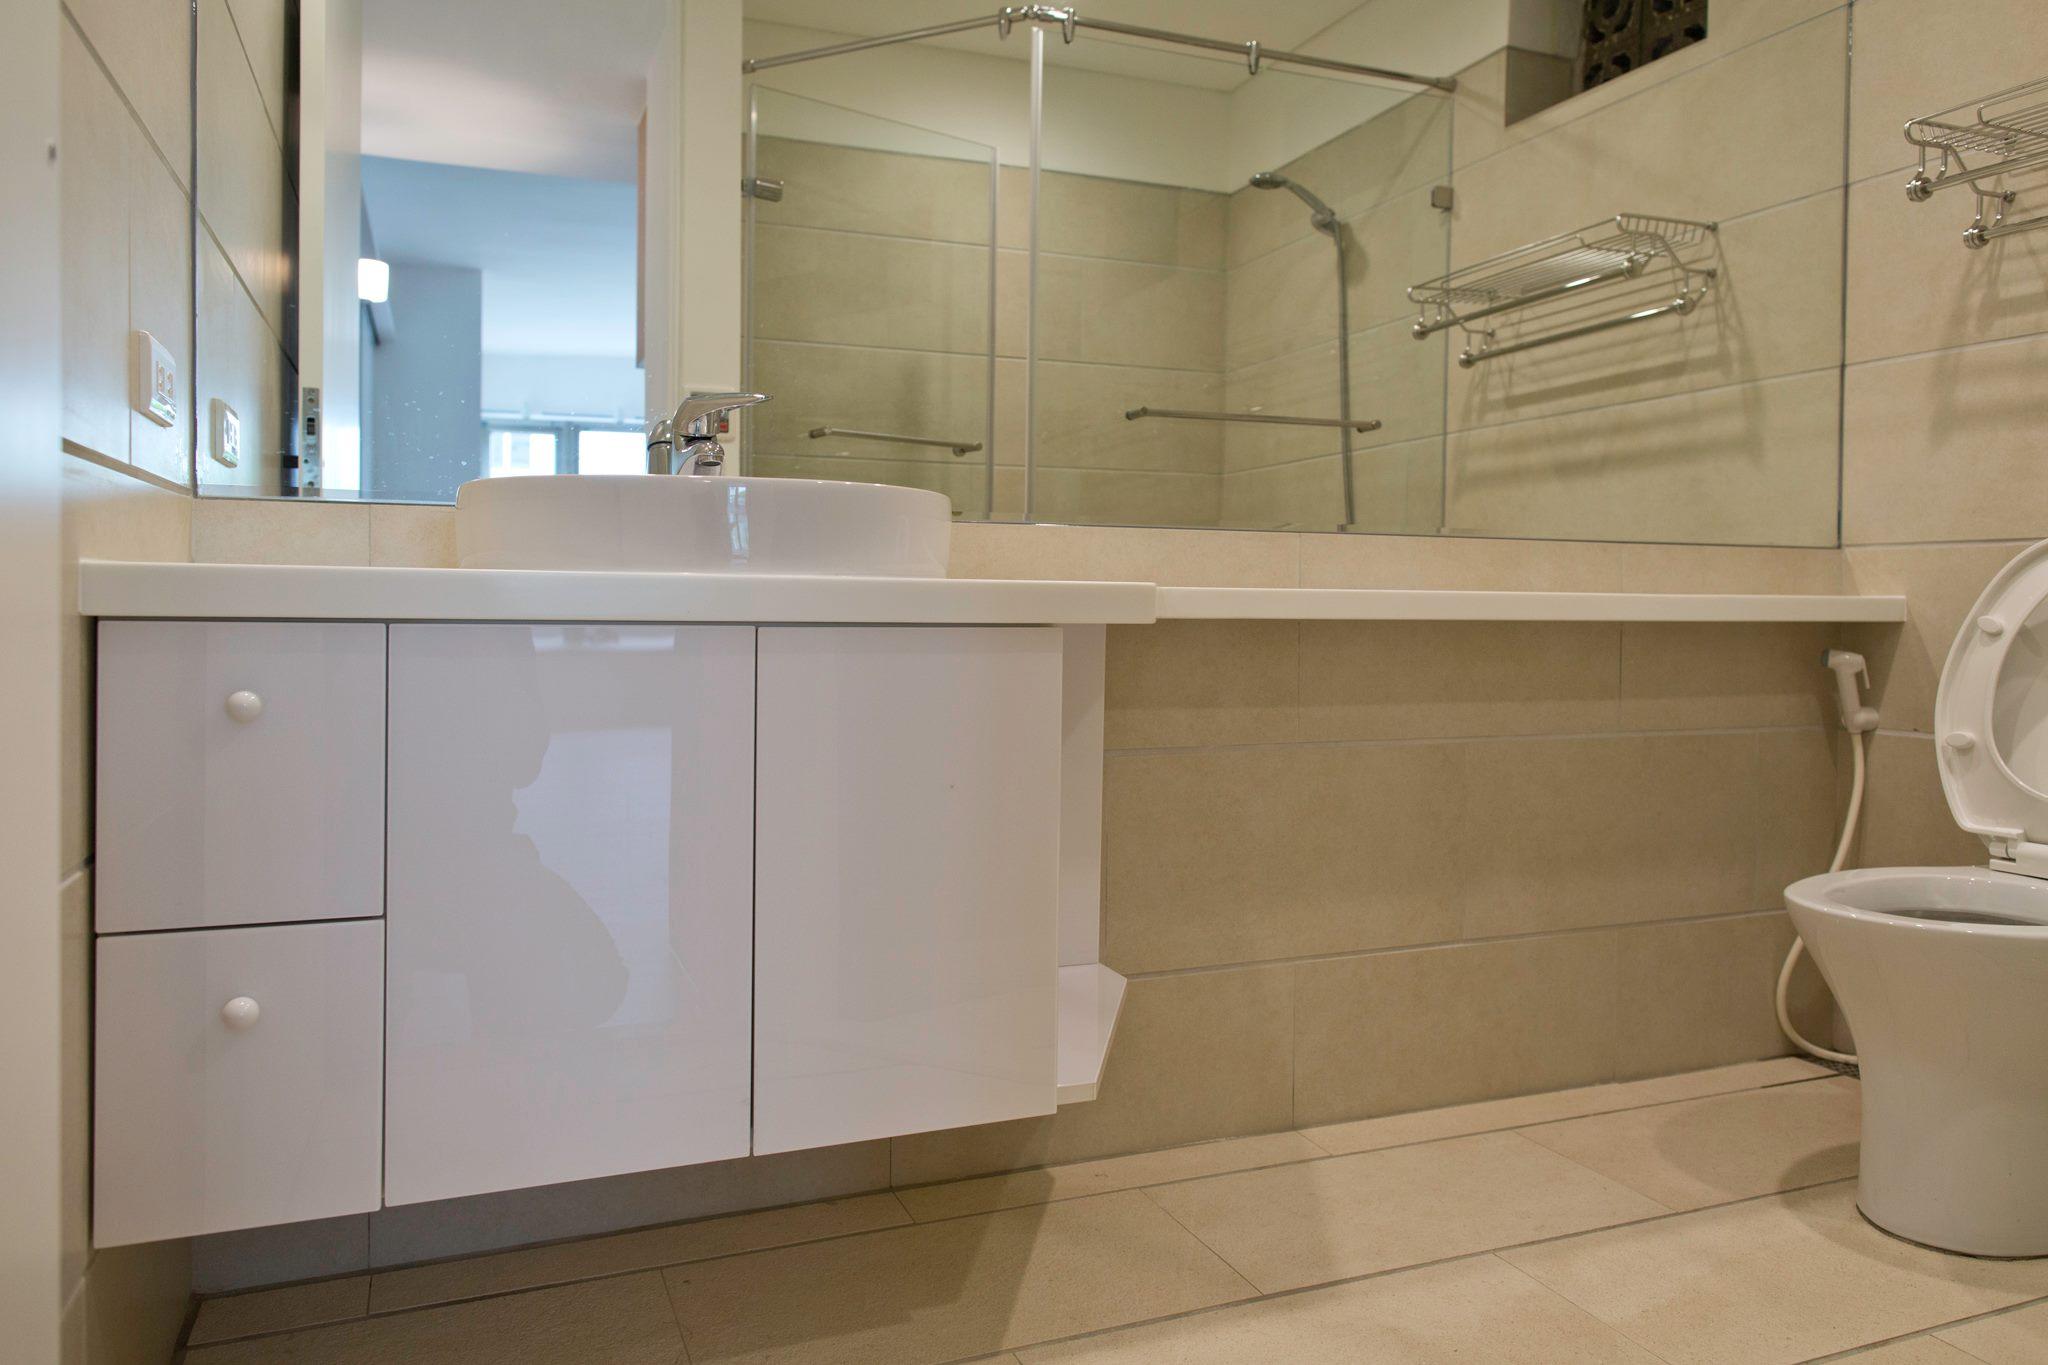 浴櫃檯面一直延伸到馬桶邊,方便置物。正面的鏡子對於小廁所的空間感有很大的幫助